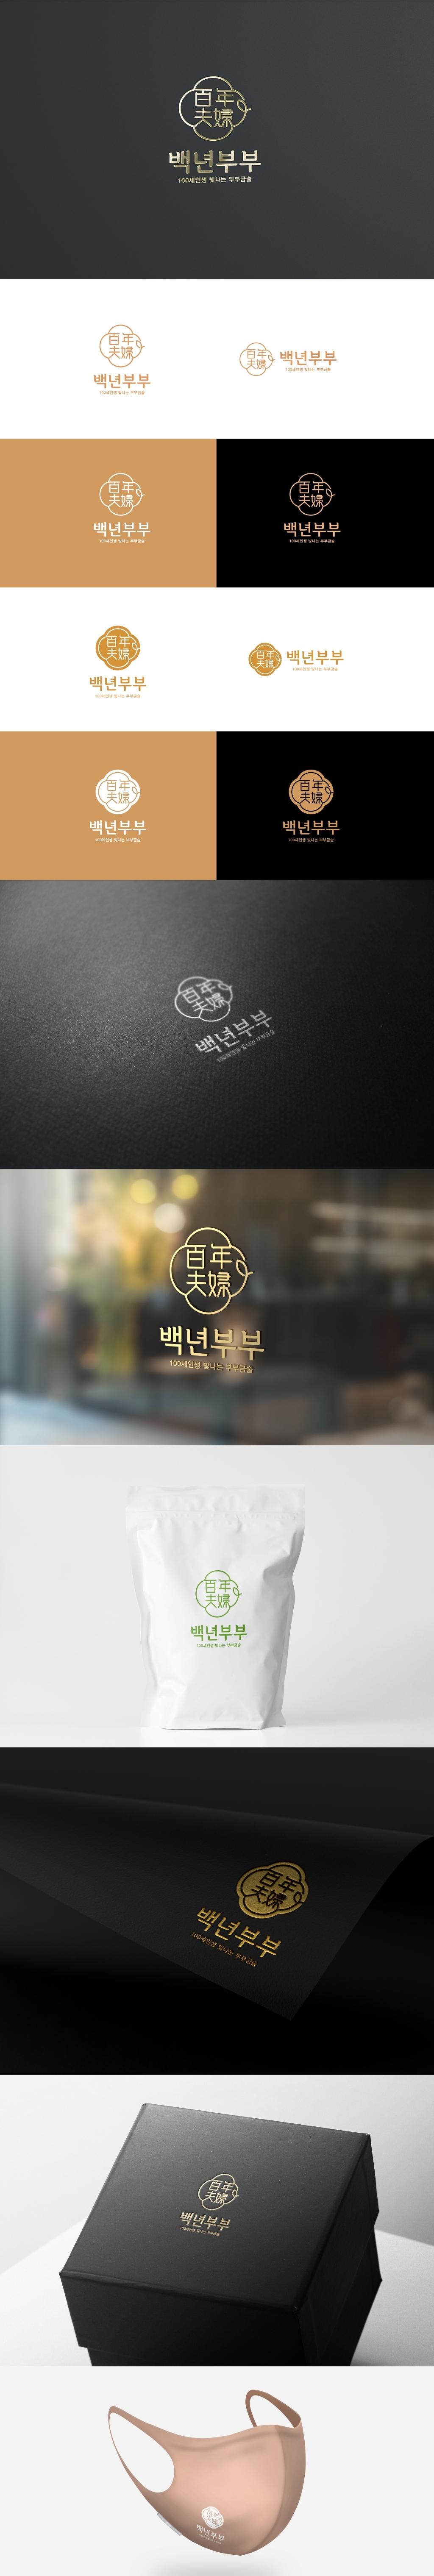 로고 디자인 | 브랜드